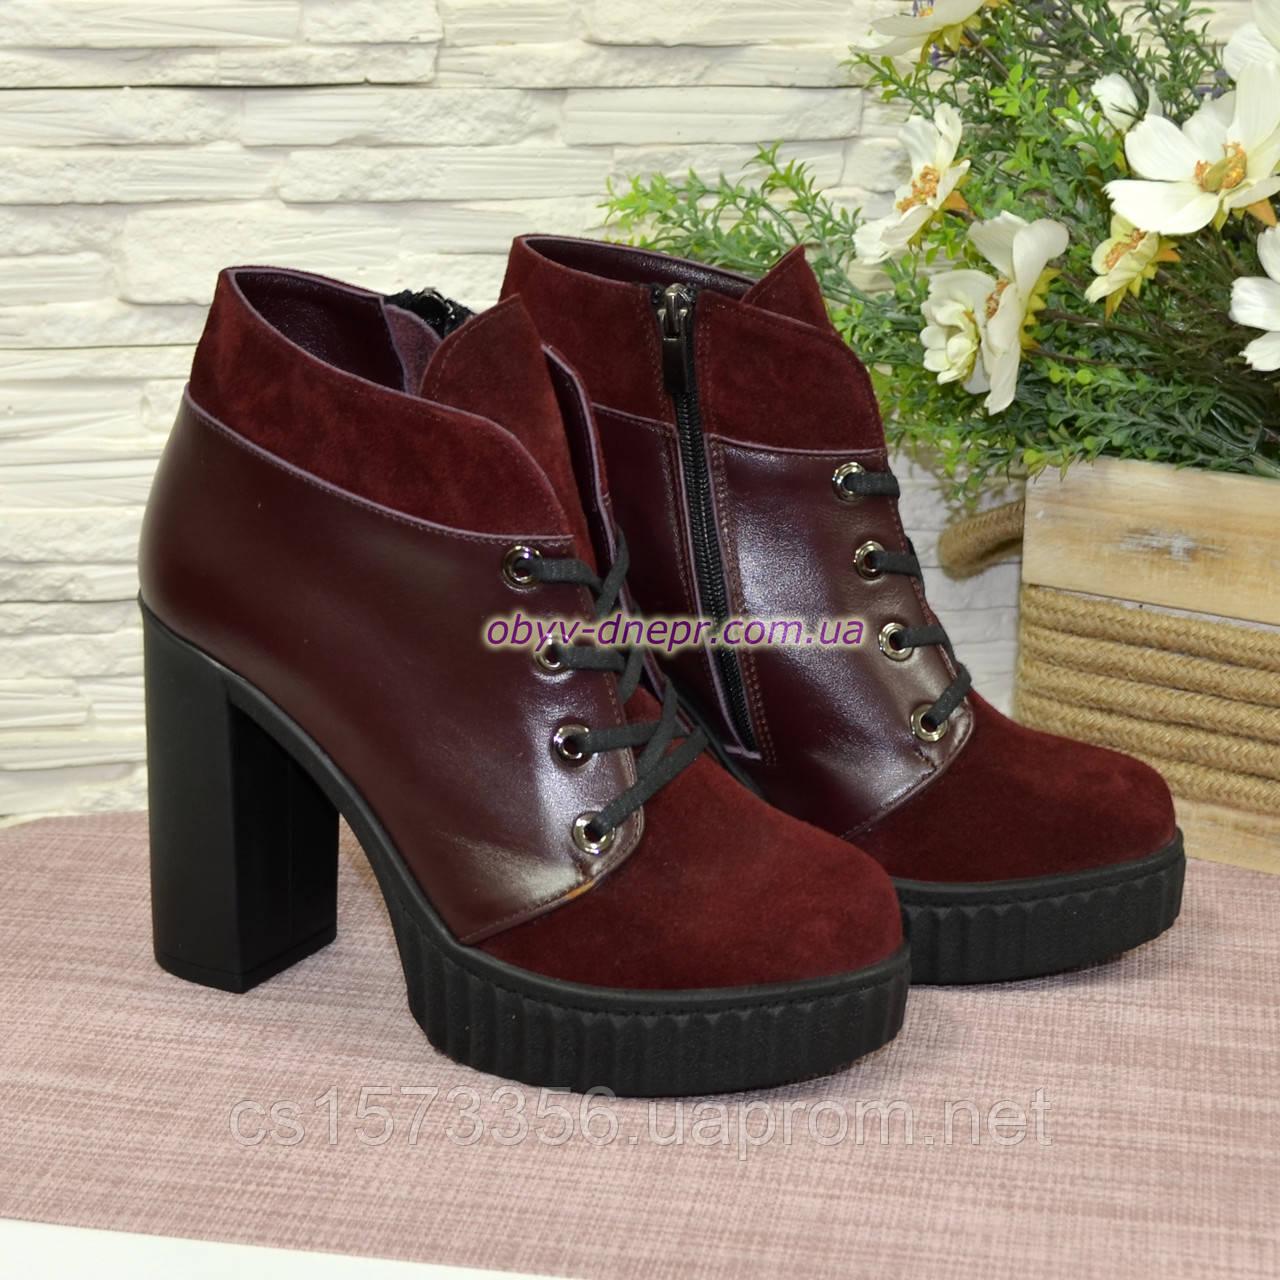 c52311a7 Ботинки зимние женские на высоком каблуке, натуральная замша и кожа  бордового цвета